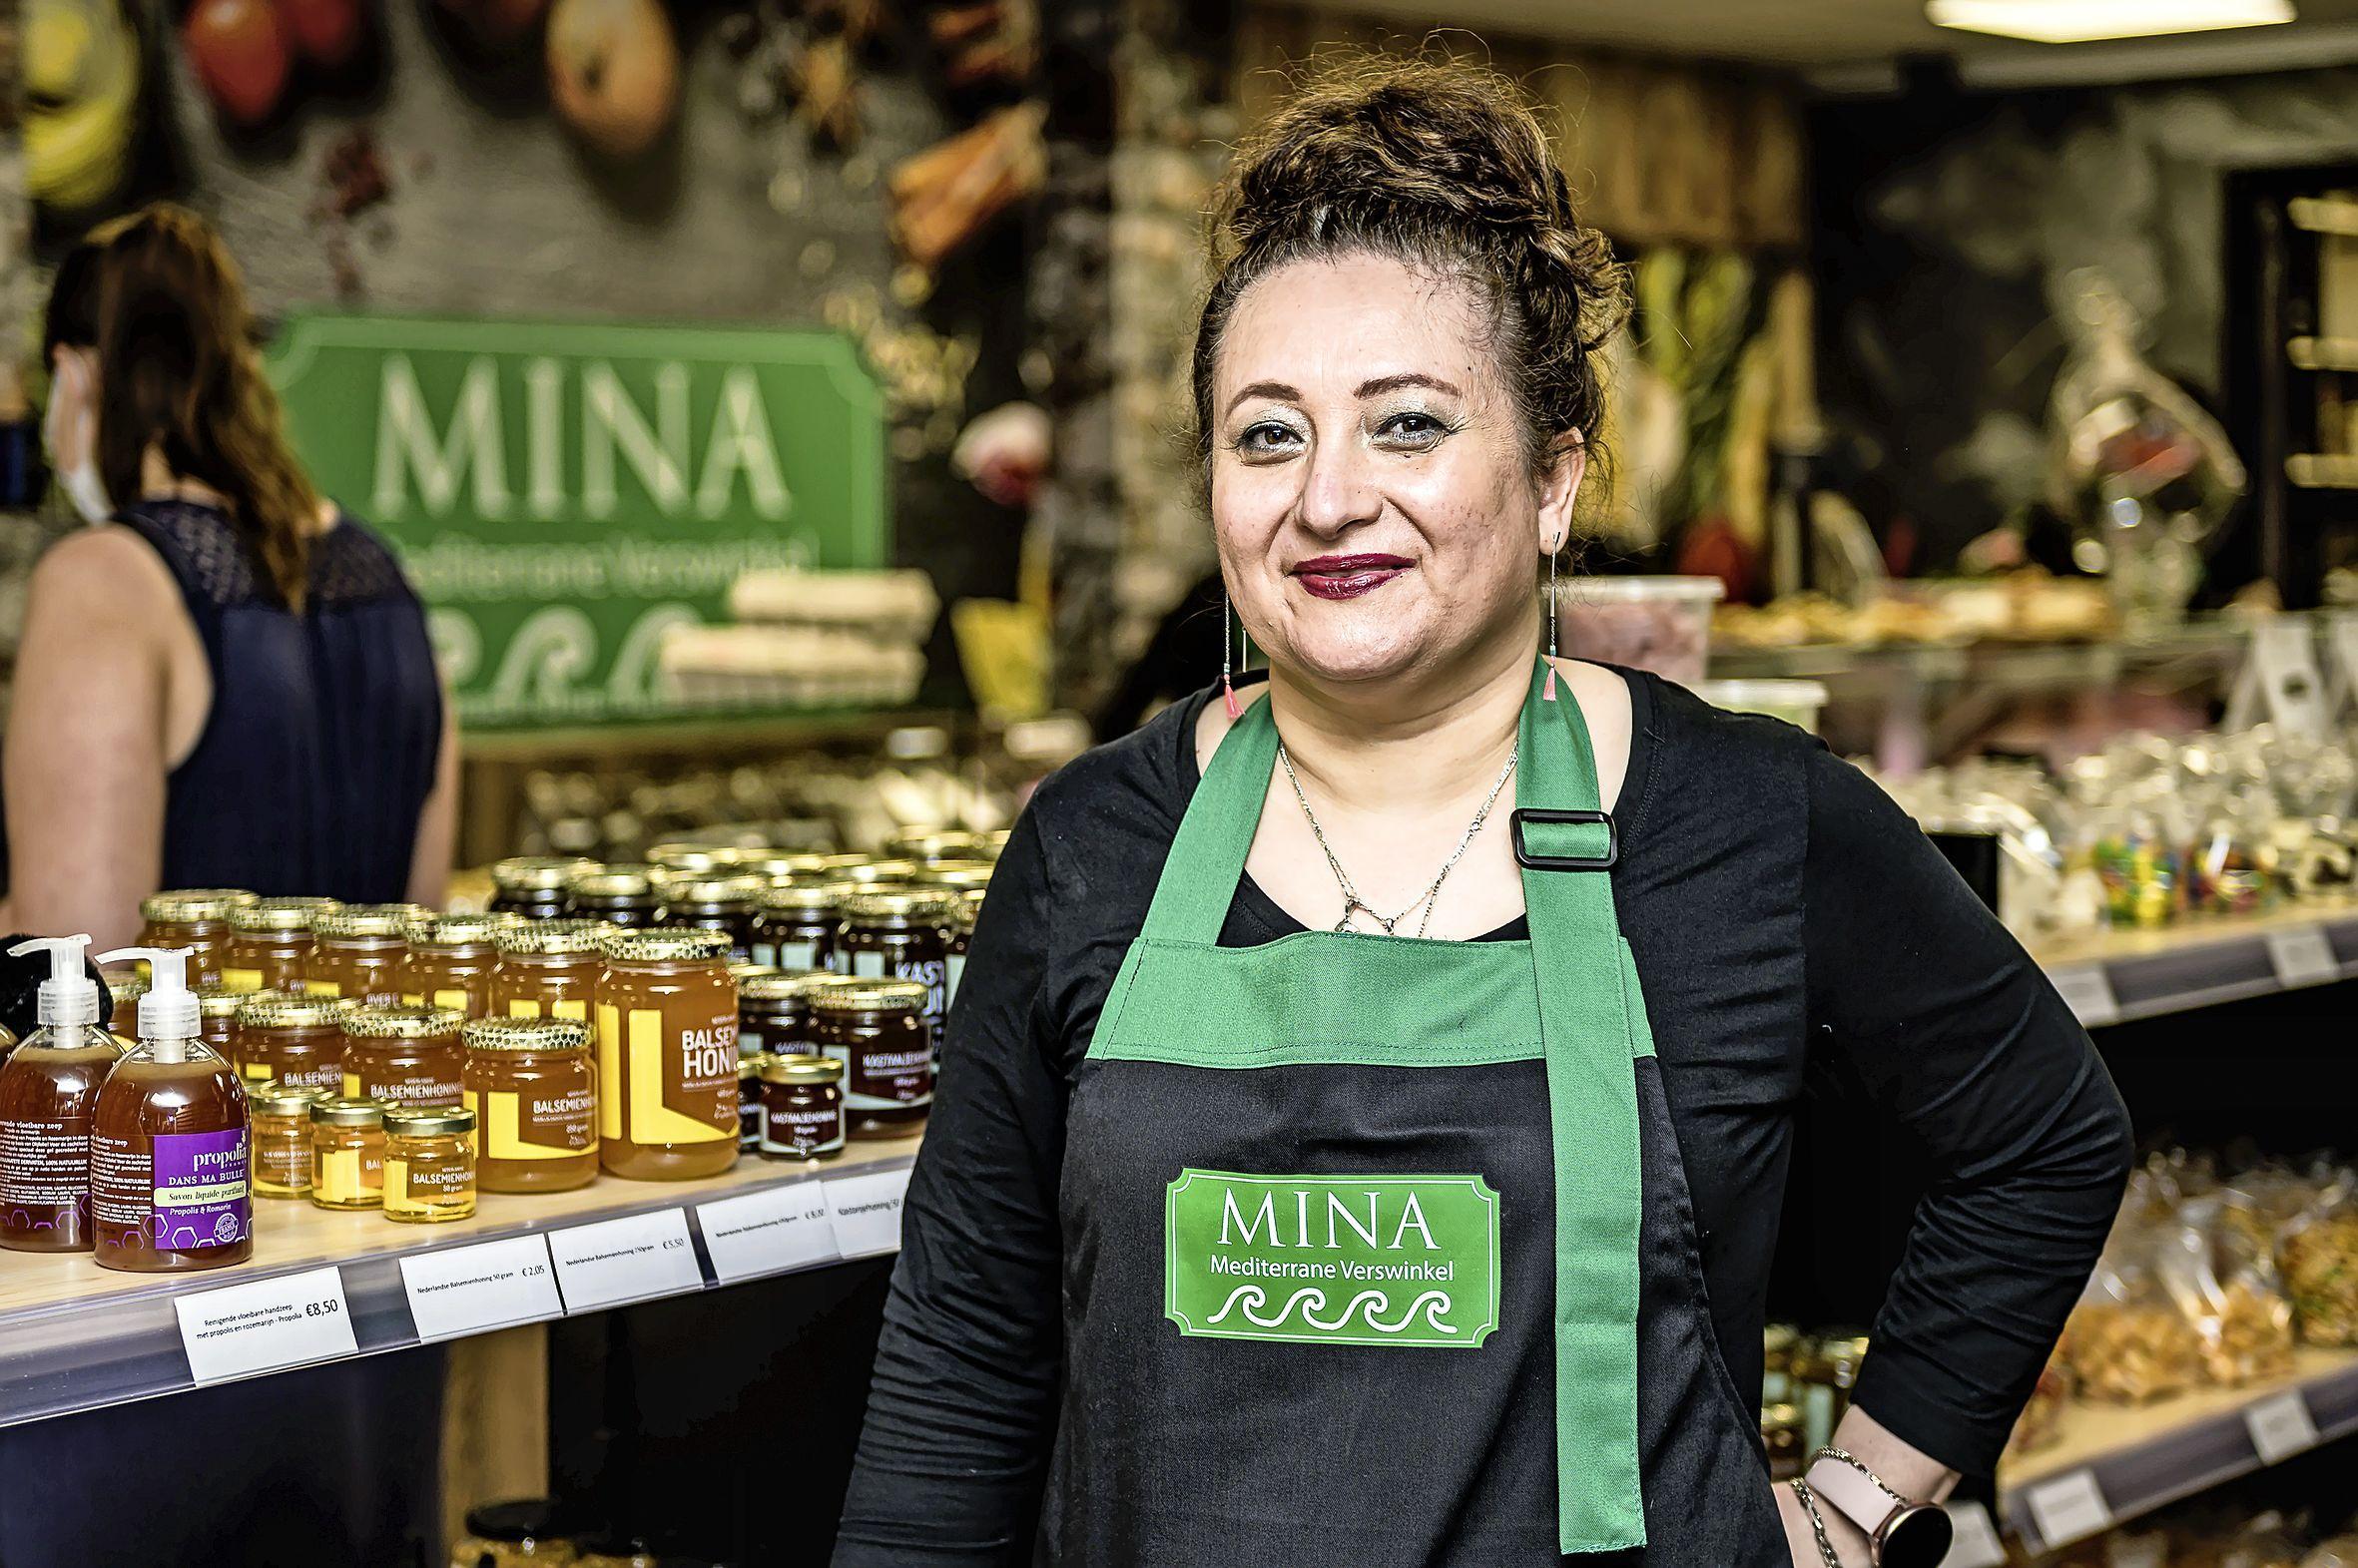 Feestelijke opening voor verswinkel Mina: 'Elke Volendammer gaat wel eens met vakantie naar een Mediterraans land en wij willen de smaak van de vakantie nu naar hier halen'